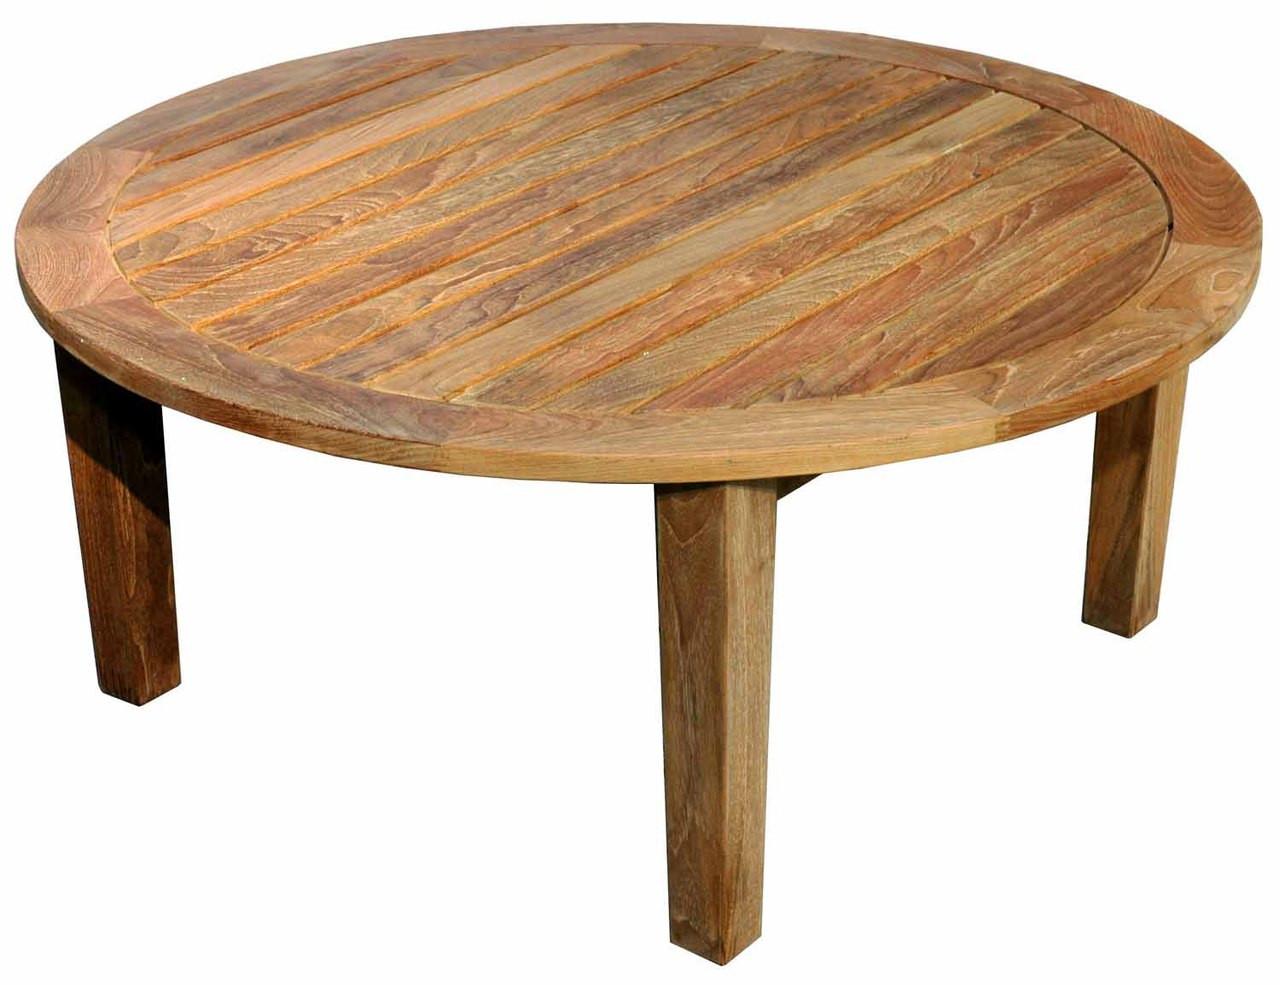 teak round coffee table 36in dia 17in h by regal teak